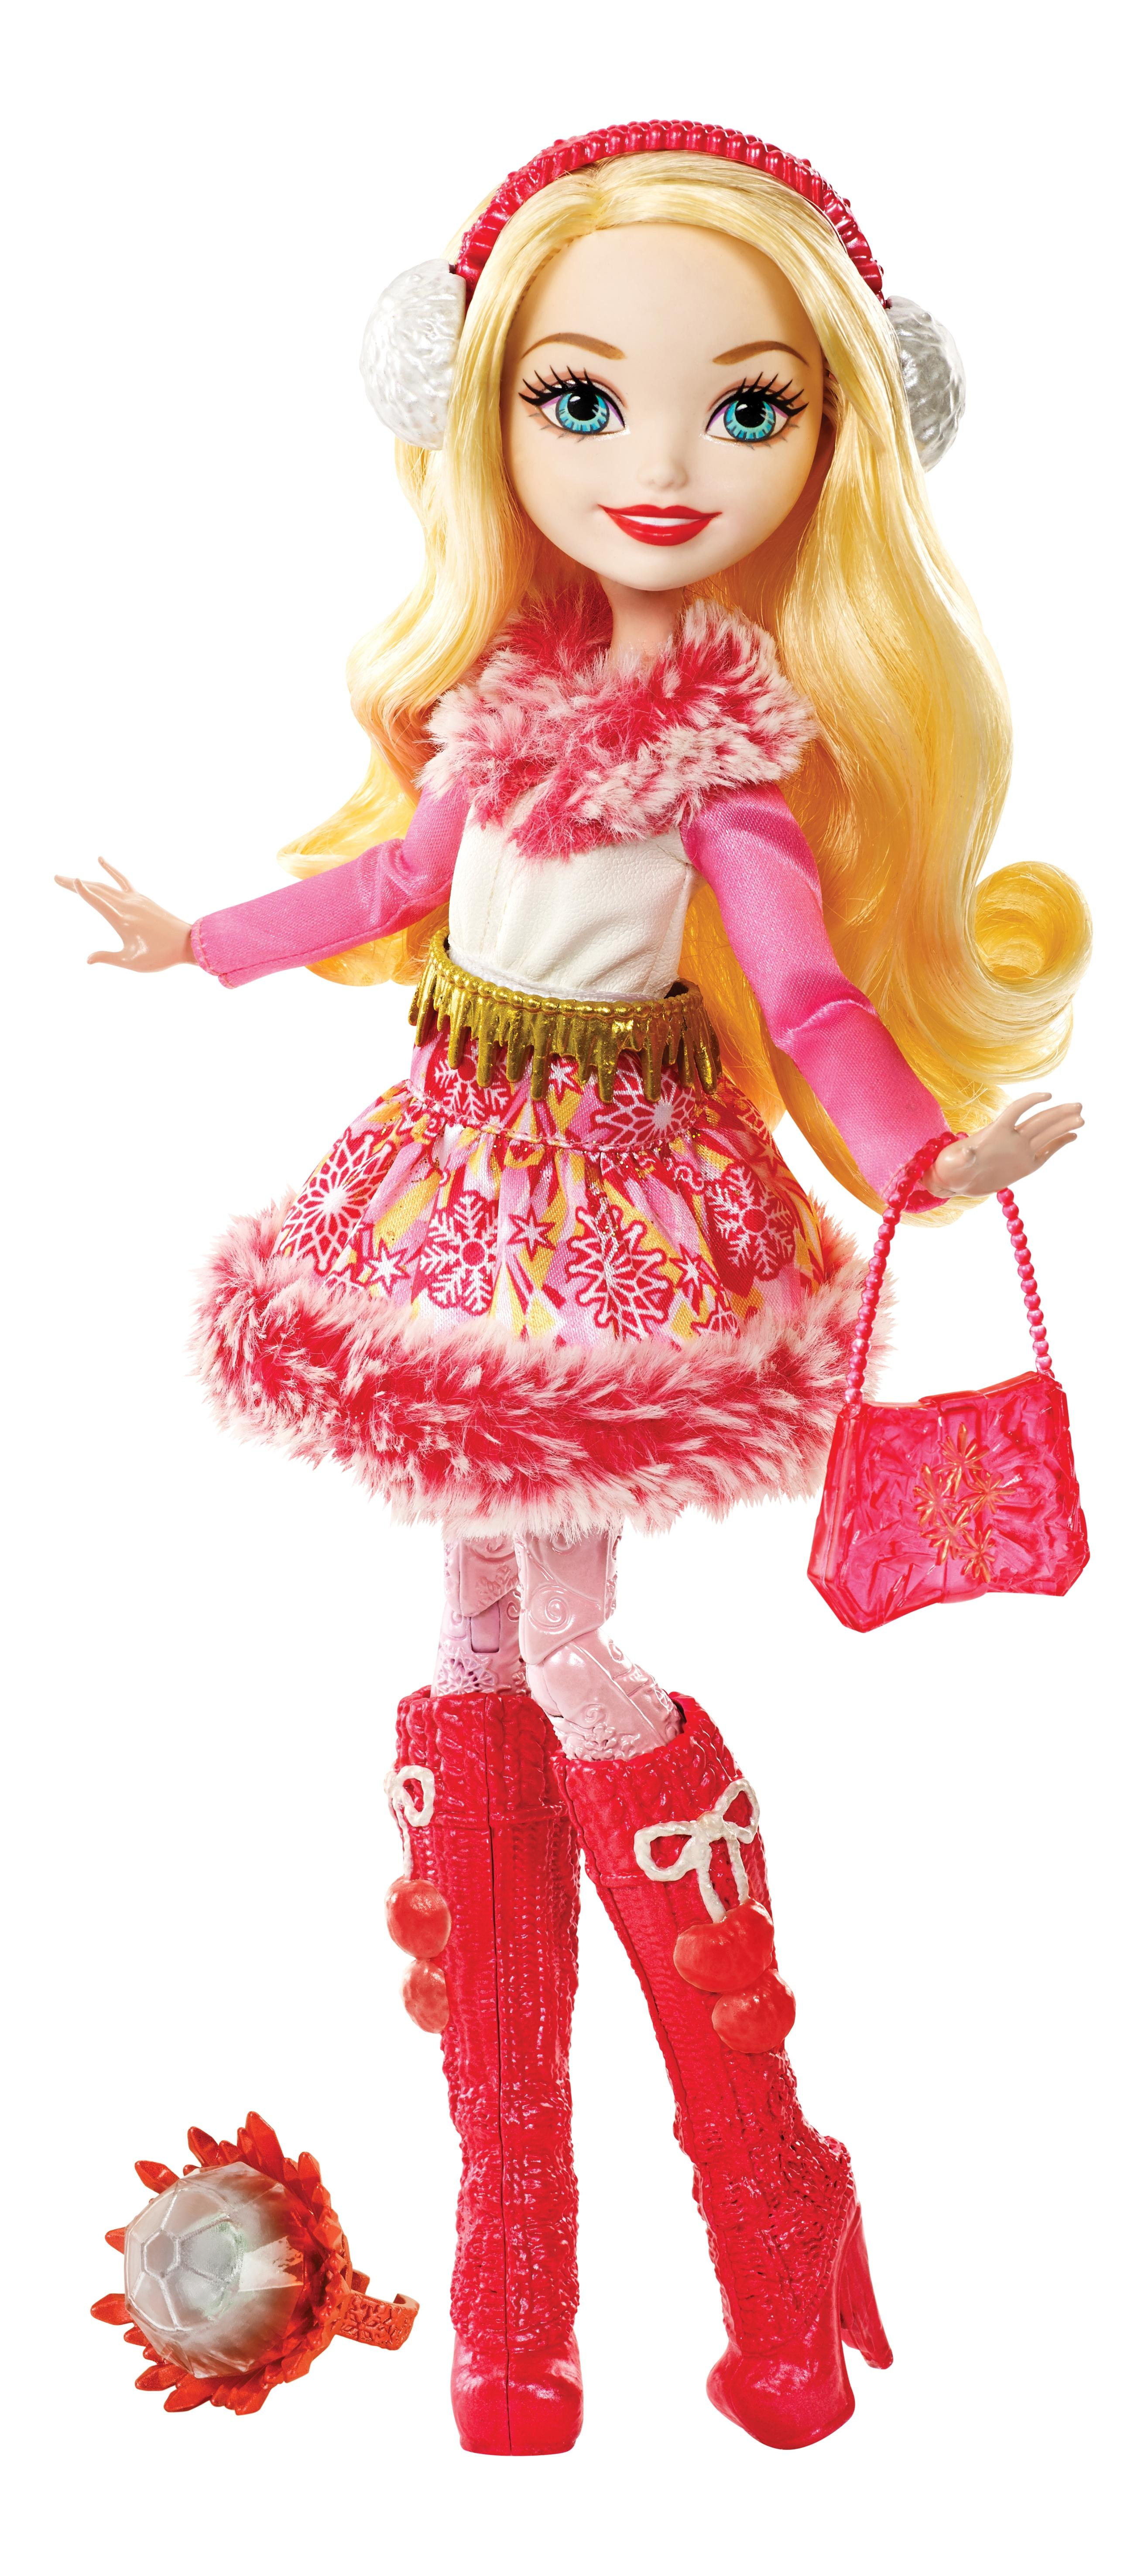 Купить Кукла Ever After High из коллекции Заколдованная зима DPP79 DPG88, Куклы